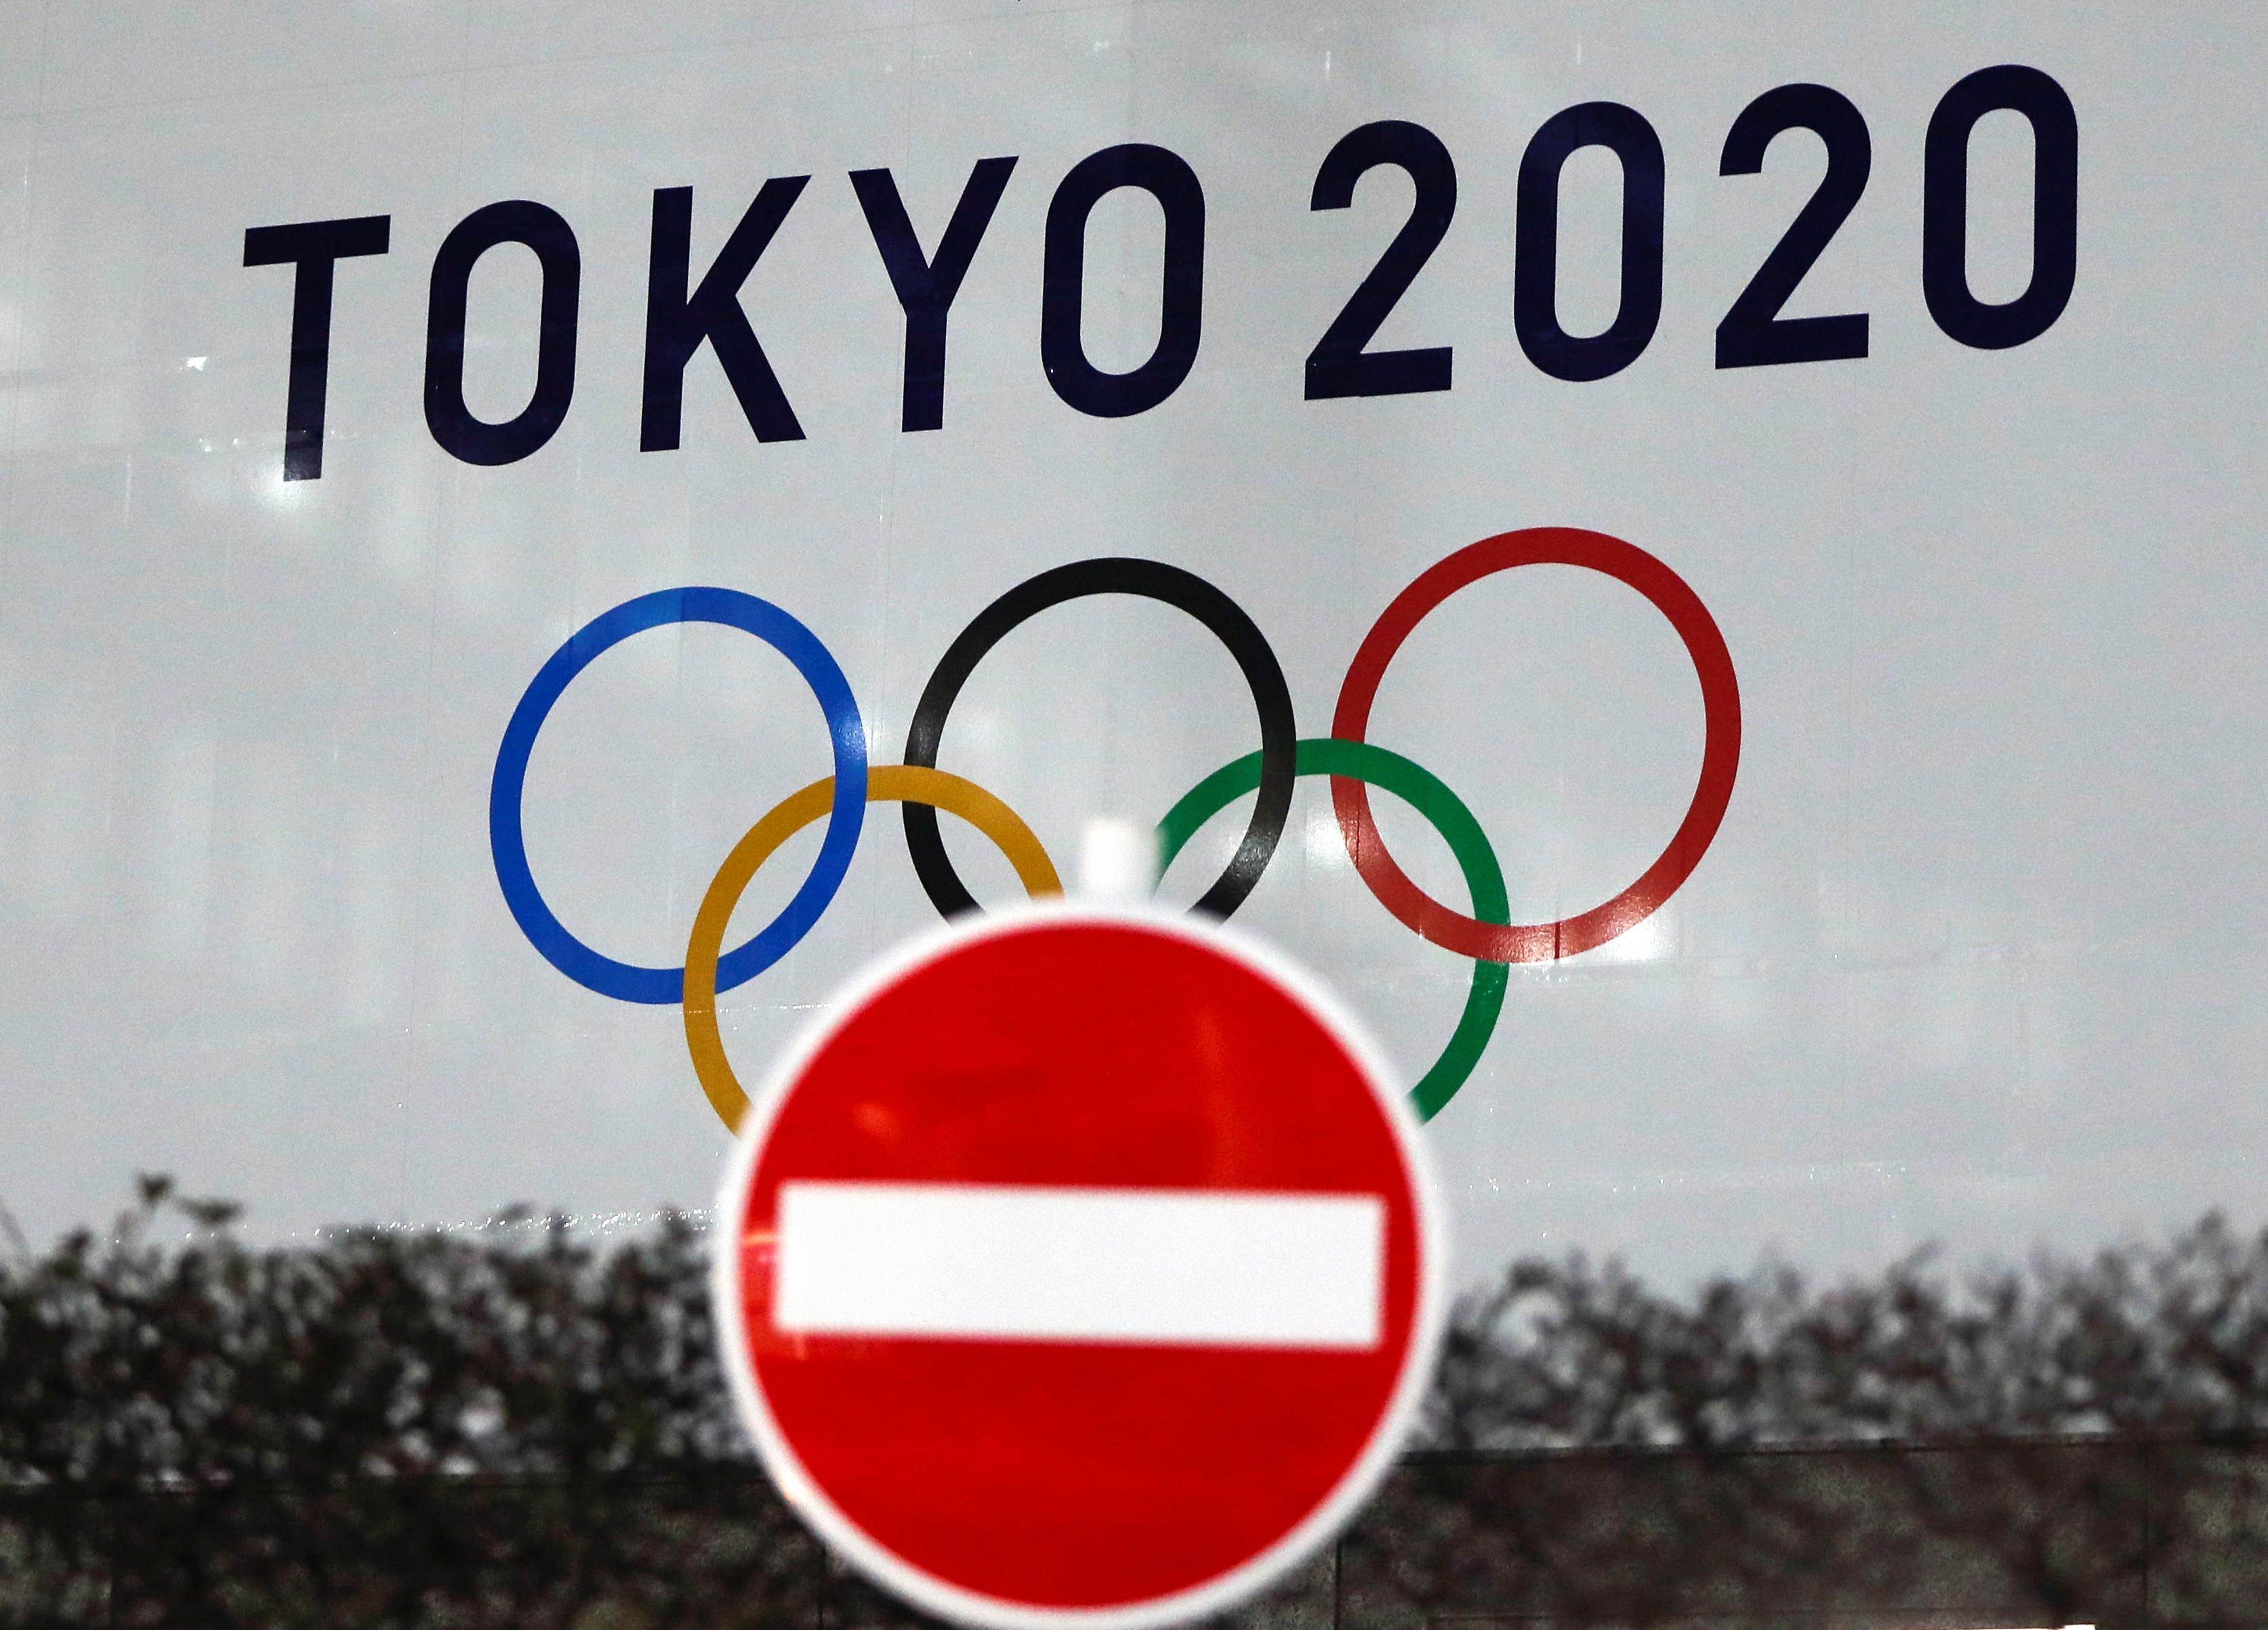 Biểu trưng của Thế vận hội Olympic Tokyo 2020 đã bị hoãn đến năm 2021 do dịch bệnh coronavirus (COVID-19) bùng phát, được nhìn thấy qua một biển báo giao thông tại tòa nhà Văn phòng Chính phủ Thủ đô Tokyo ở Tokyo, Nhật Bản ngày 22 tháng 1 năm 2021. REUTERS / Issei Kato